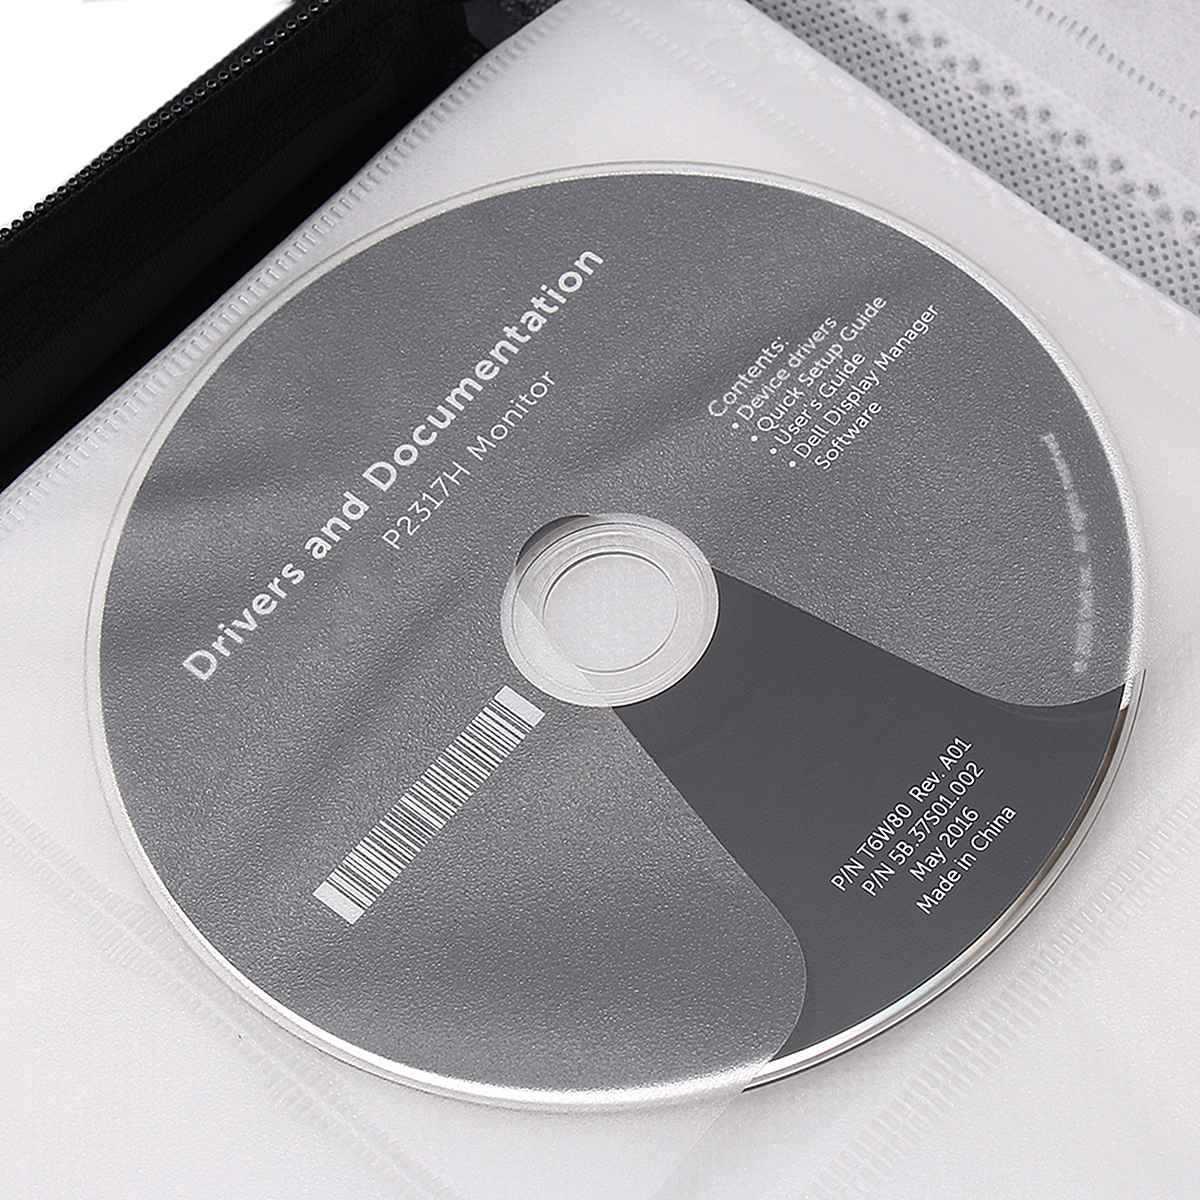 Mới DJ Album Thu Thập Lưu Trữ 240/400/520 Đĩa CD DVD Lưu Trữ Di Động Bản Đồ Thế Giới In Hình Giá Đỡ Mang Theo bền Ví Túi Ví